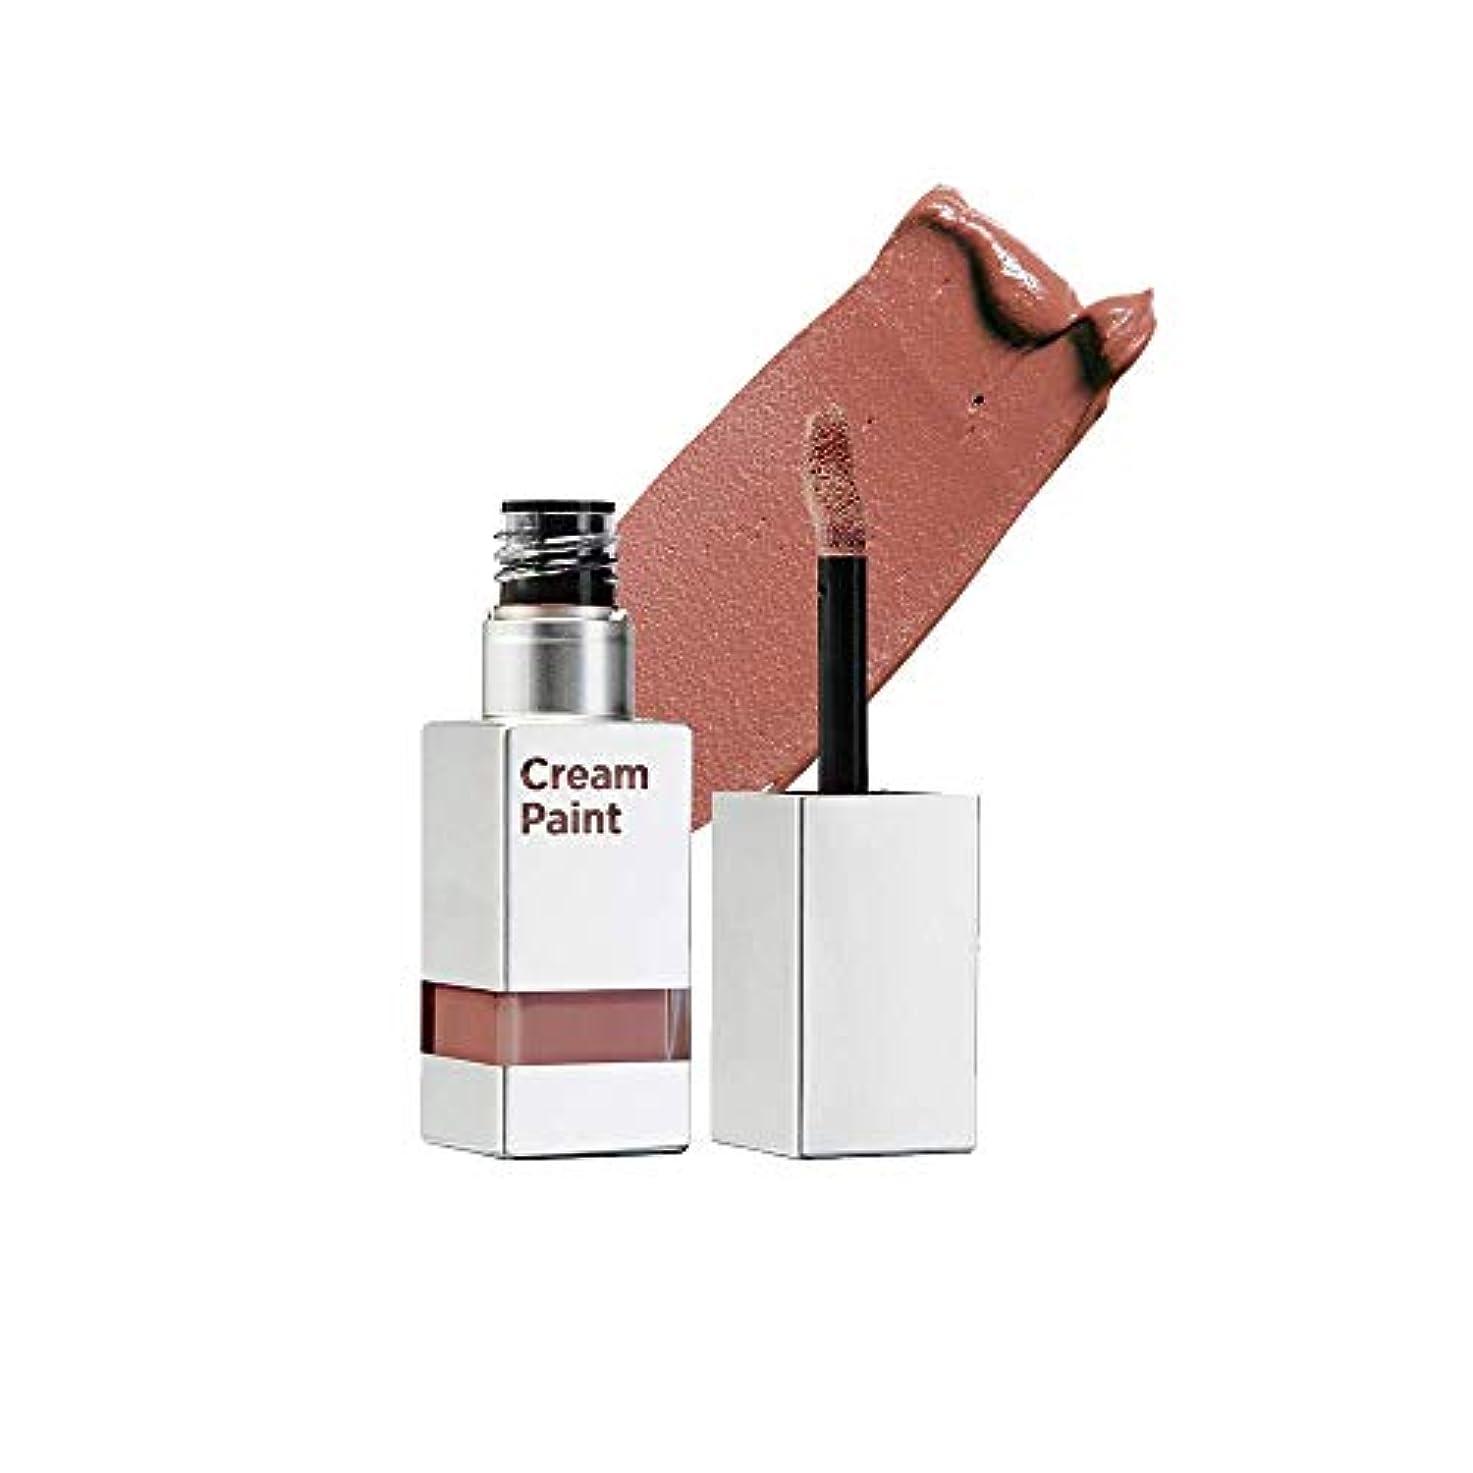 【YGエンターテインメント】 ムーンショット リップティント リップ&チーク クリームペイントライトフィット 9ml M811 ヌーディーブランチ ソフトブラウン MOONSHOT Cream Paint Lightfit...